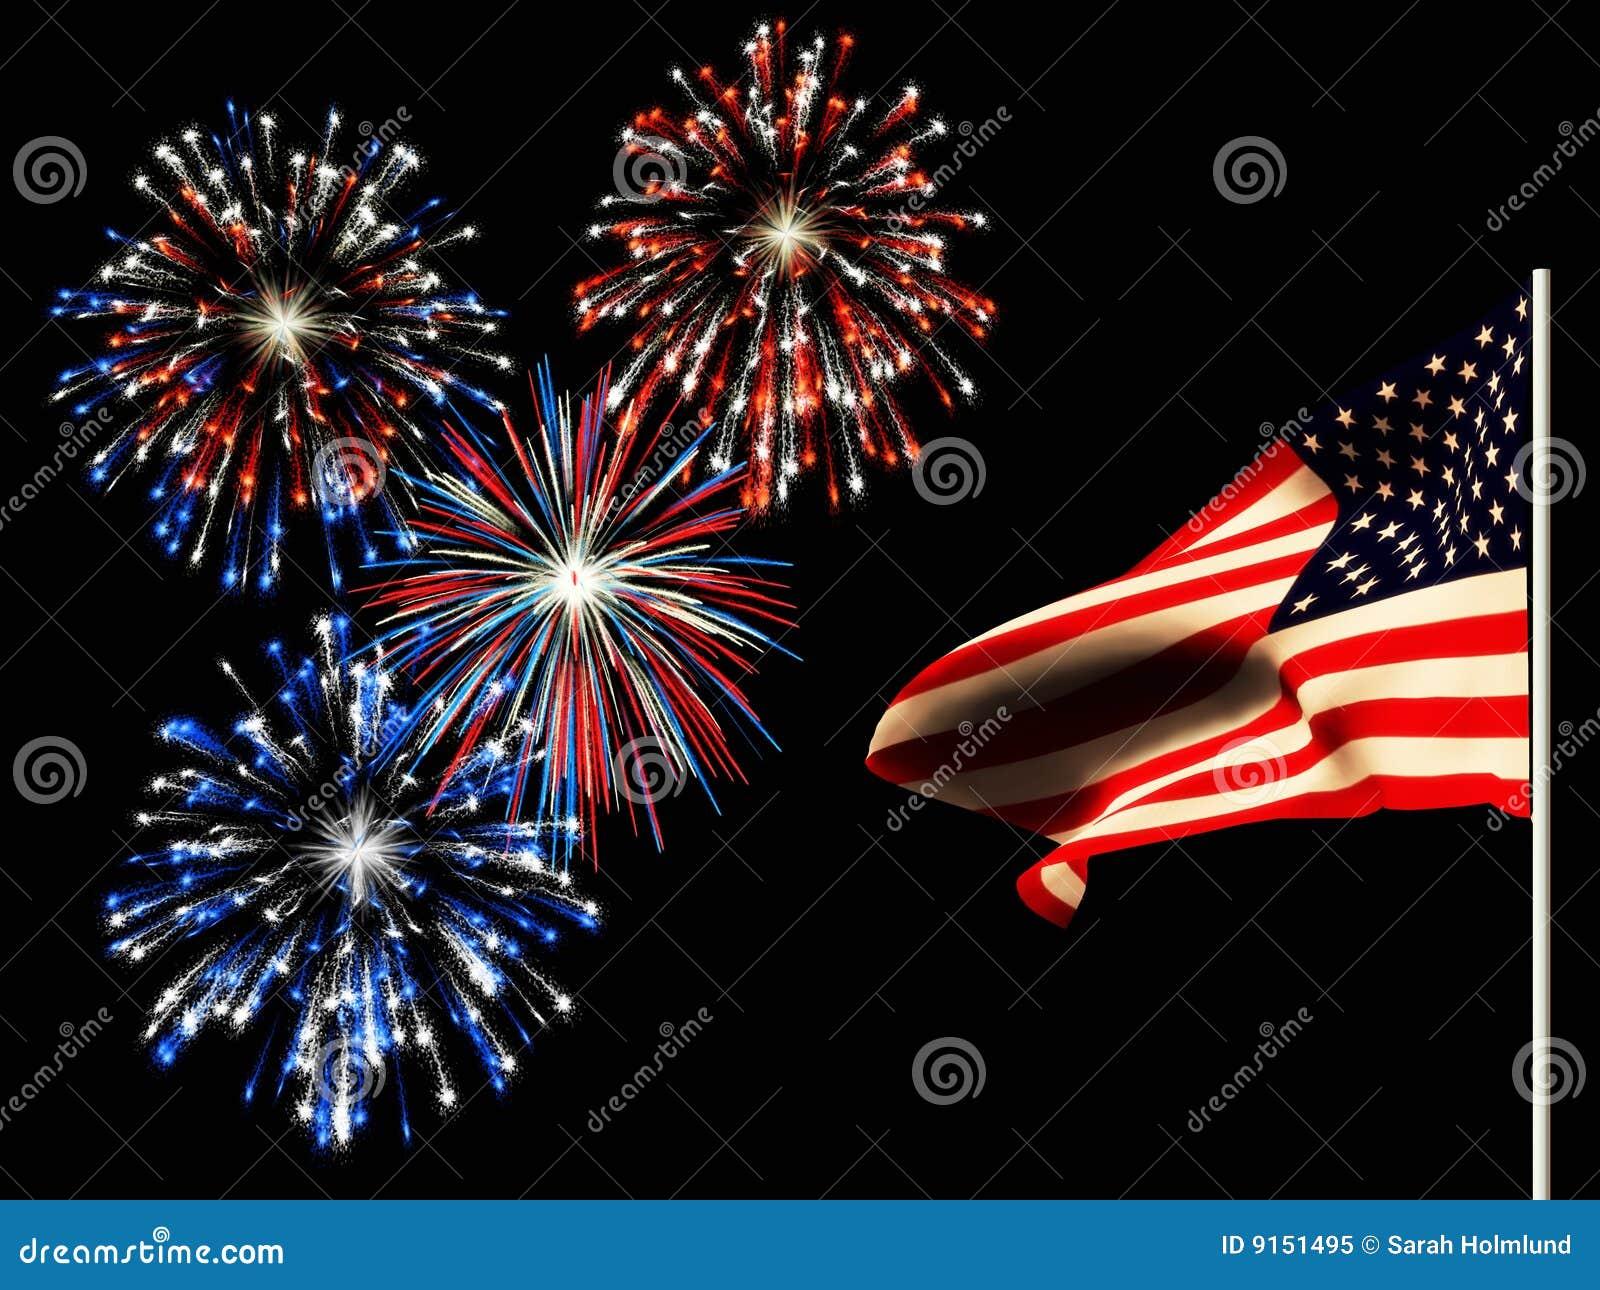 Fuegos artificiales del Día de la Independencia y el indicador americano.